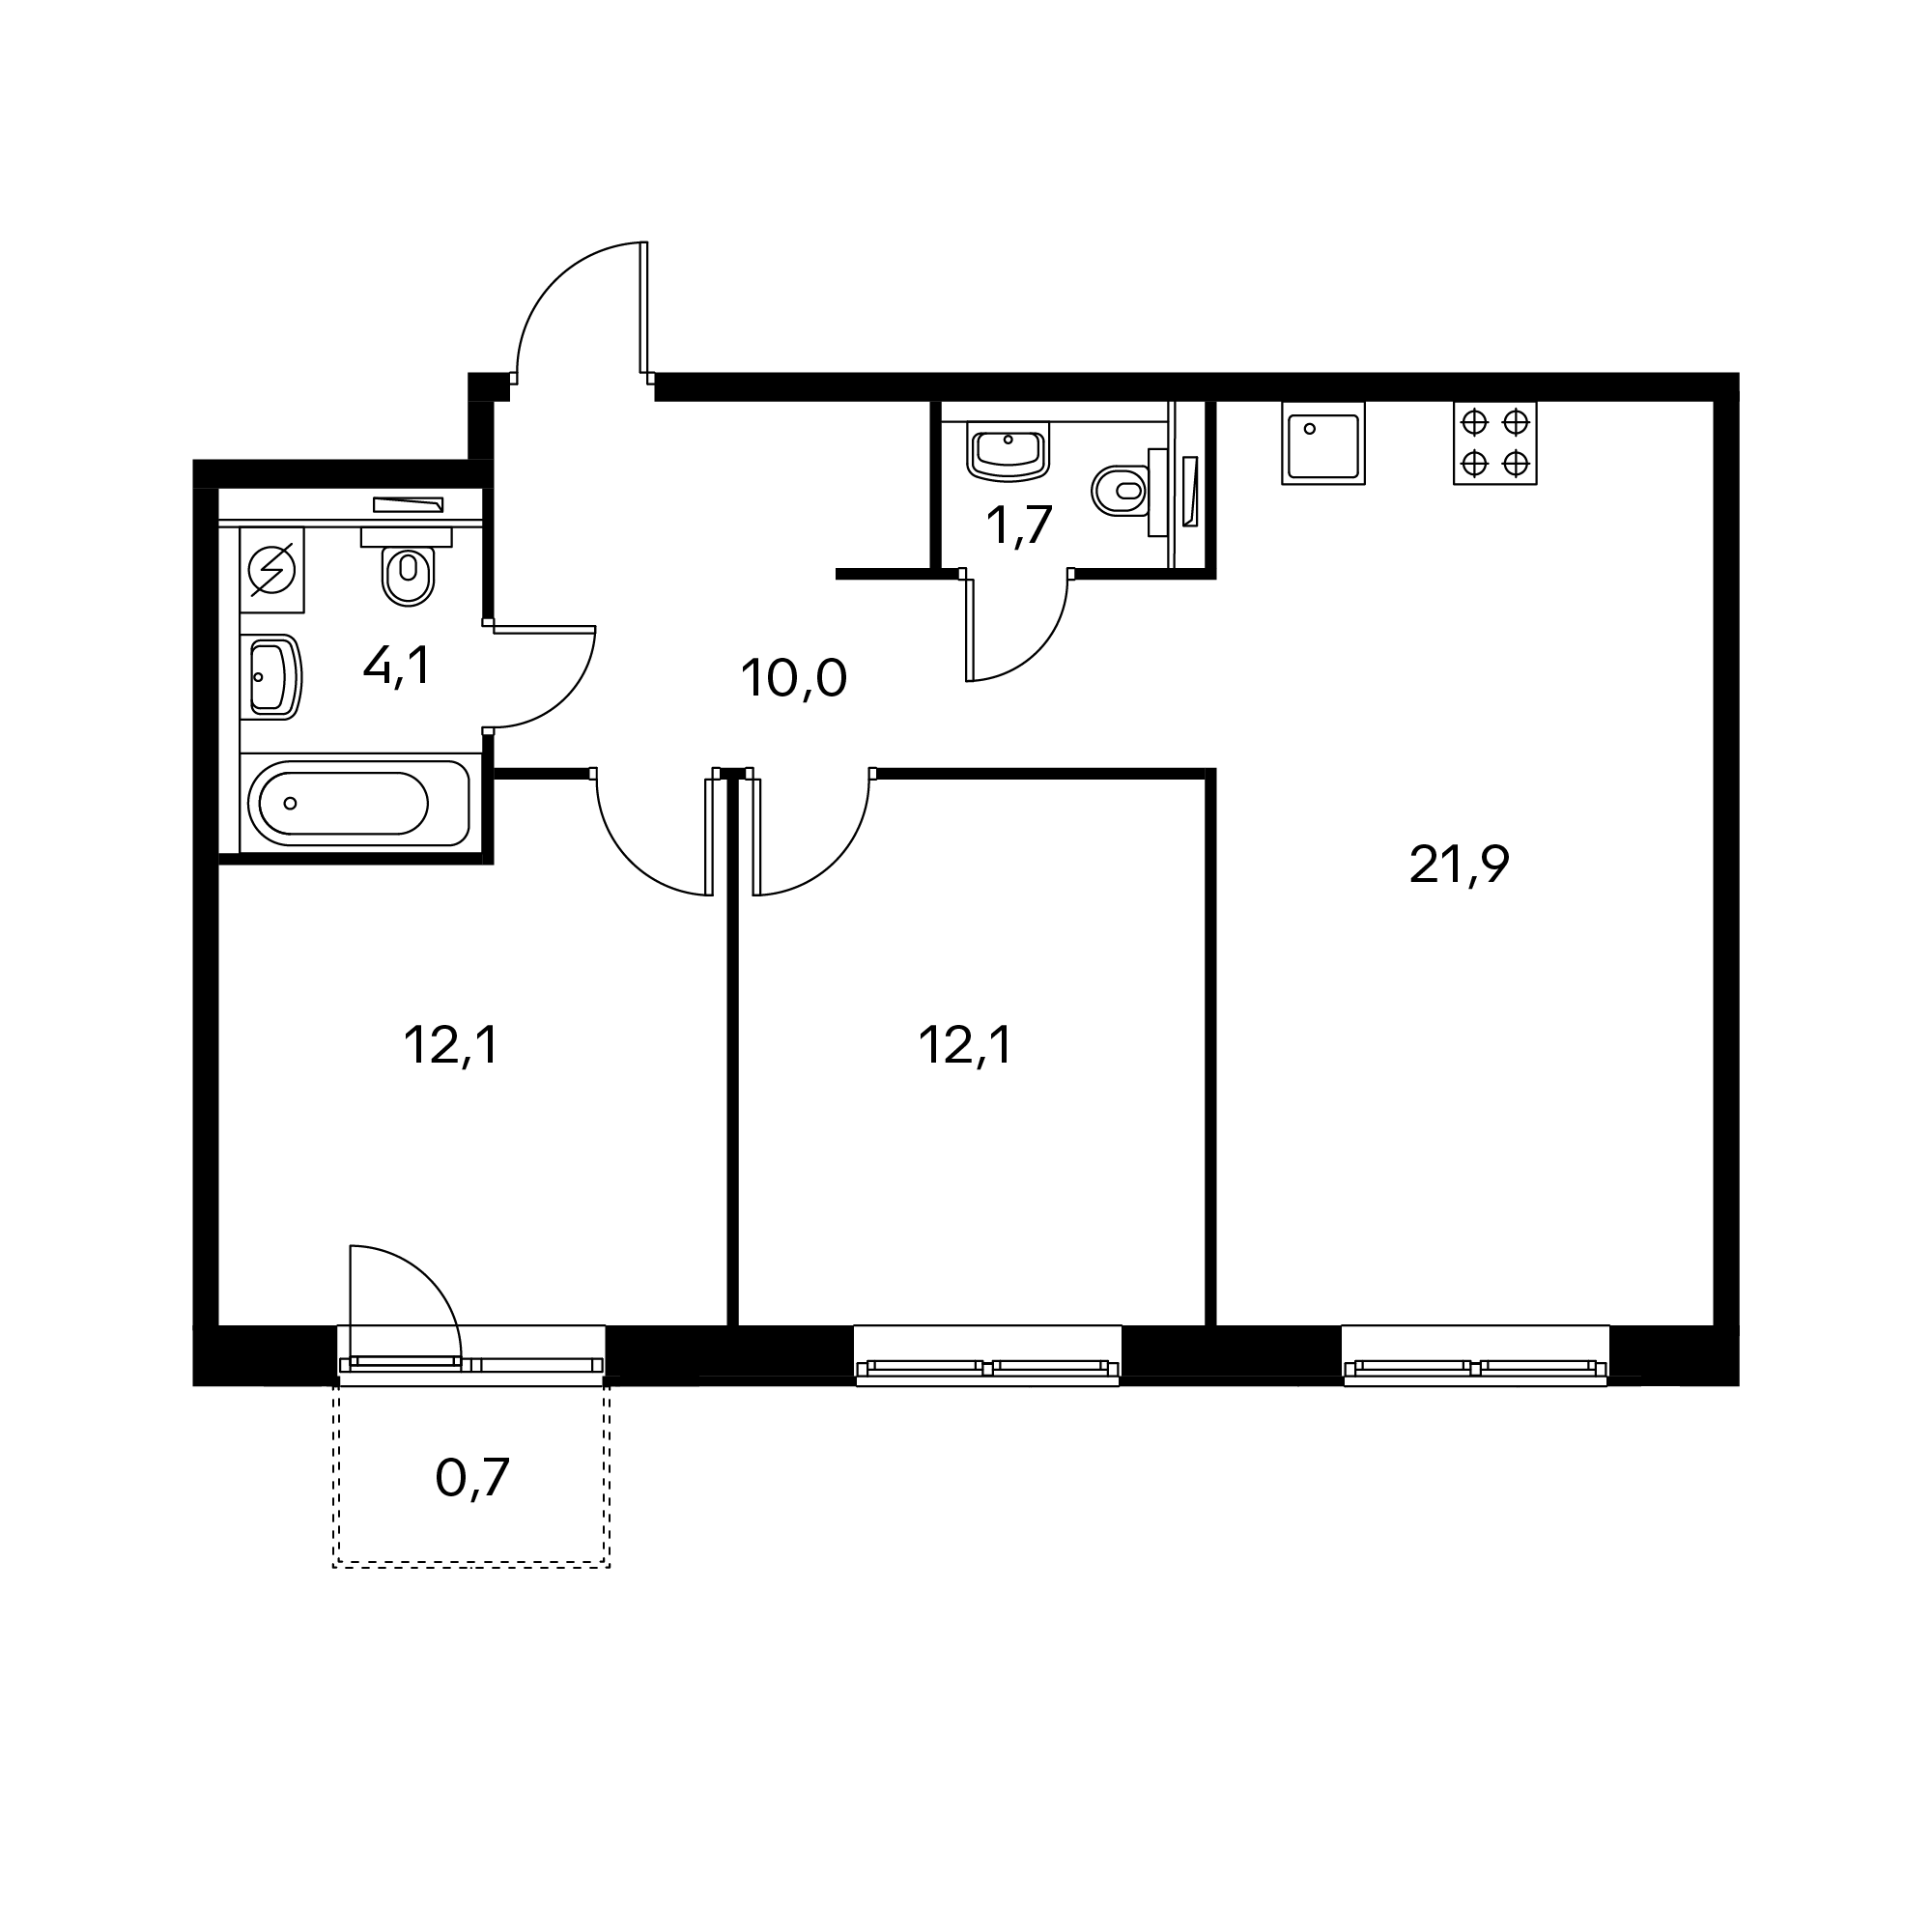 2EL7_10.5-1_B1